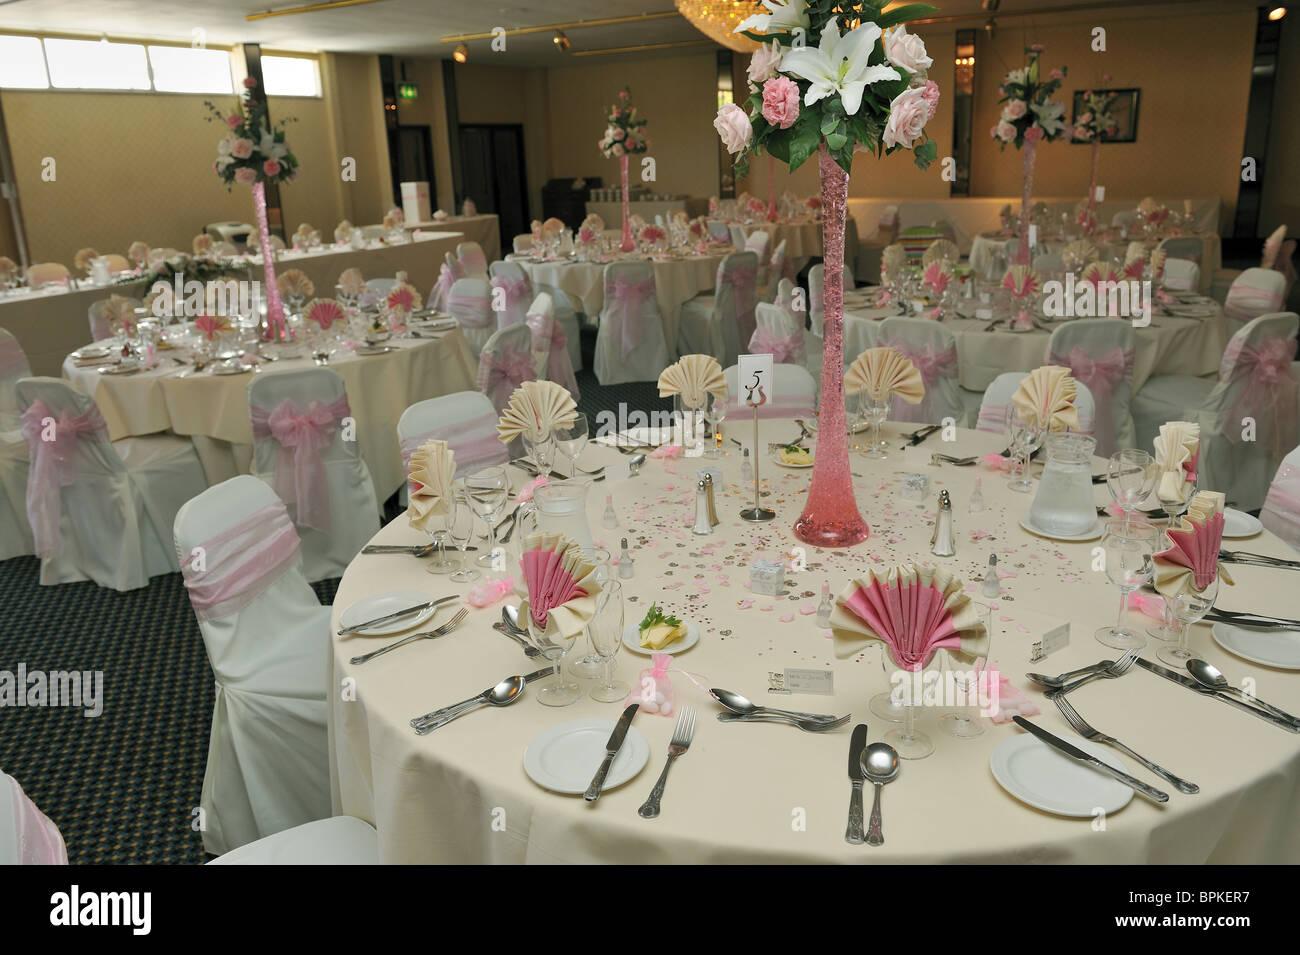 Présentation de tableau de réception de mariage Photo Stock